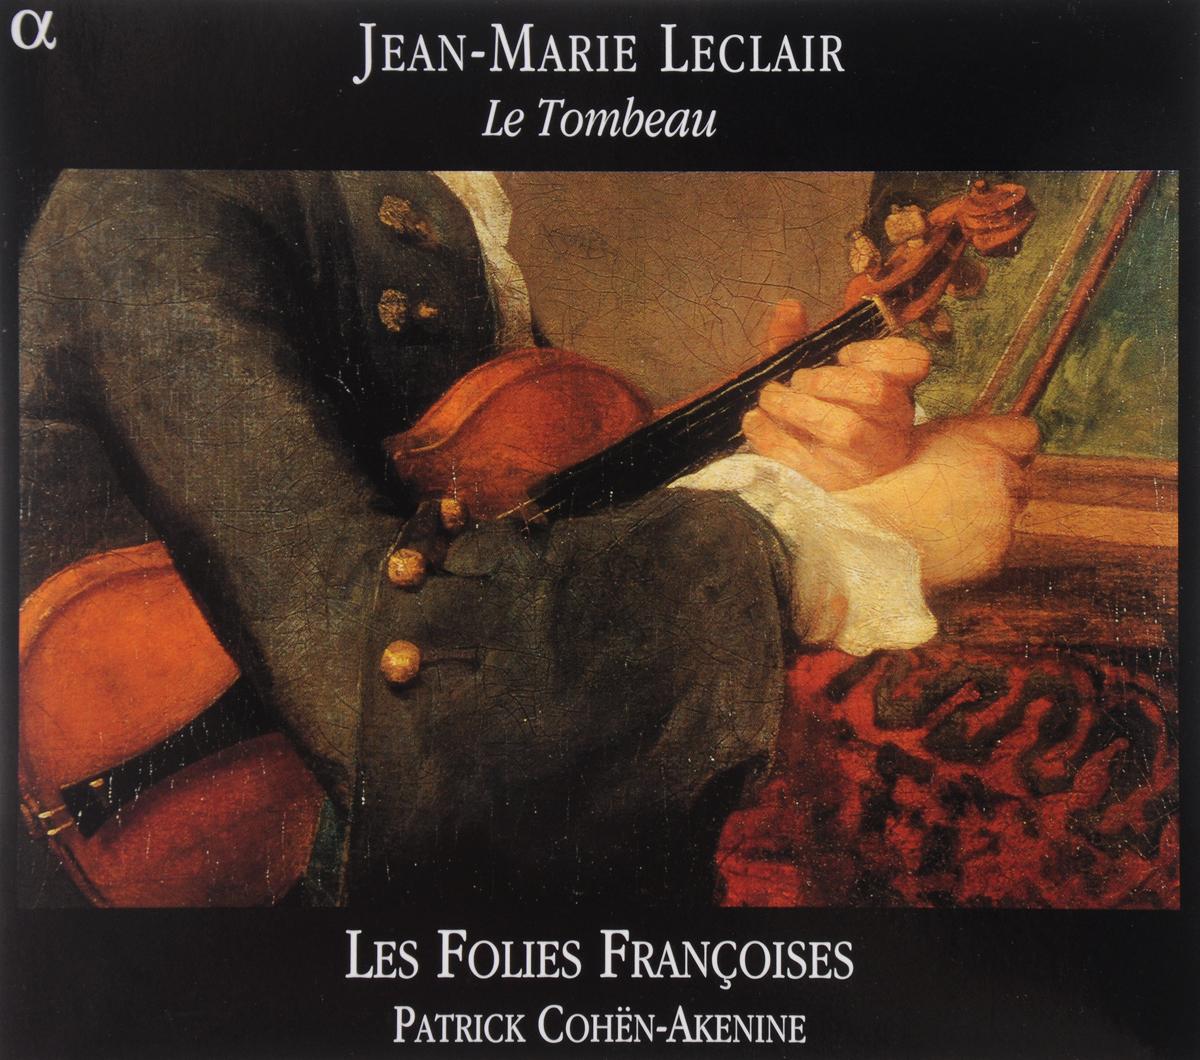 VARIOUS. LECLAIR, JEAN-MARIE/LE TOMBEAU: LIVRE DE SONATES POUR VIOLON & BASSE CONTINUE, OP.5 (SONATES IV, VII & VI LE TOMBEAU) - OUVERTURE, OP.13 NO 3 - CONCERTO POUR VIOLON, CORDES & BASSE CONTINUE, OP.10 NO 6 / LES FOLIES FRANCOISES, DIR. PATRICK COHE vi 254 iv